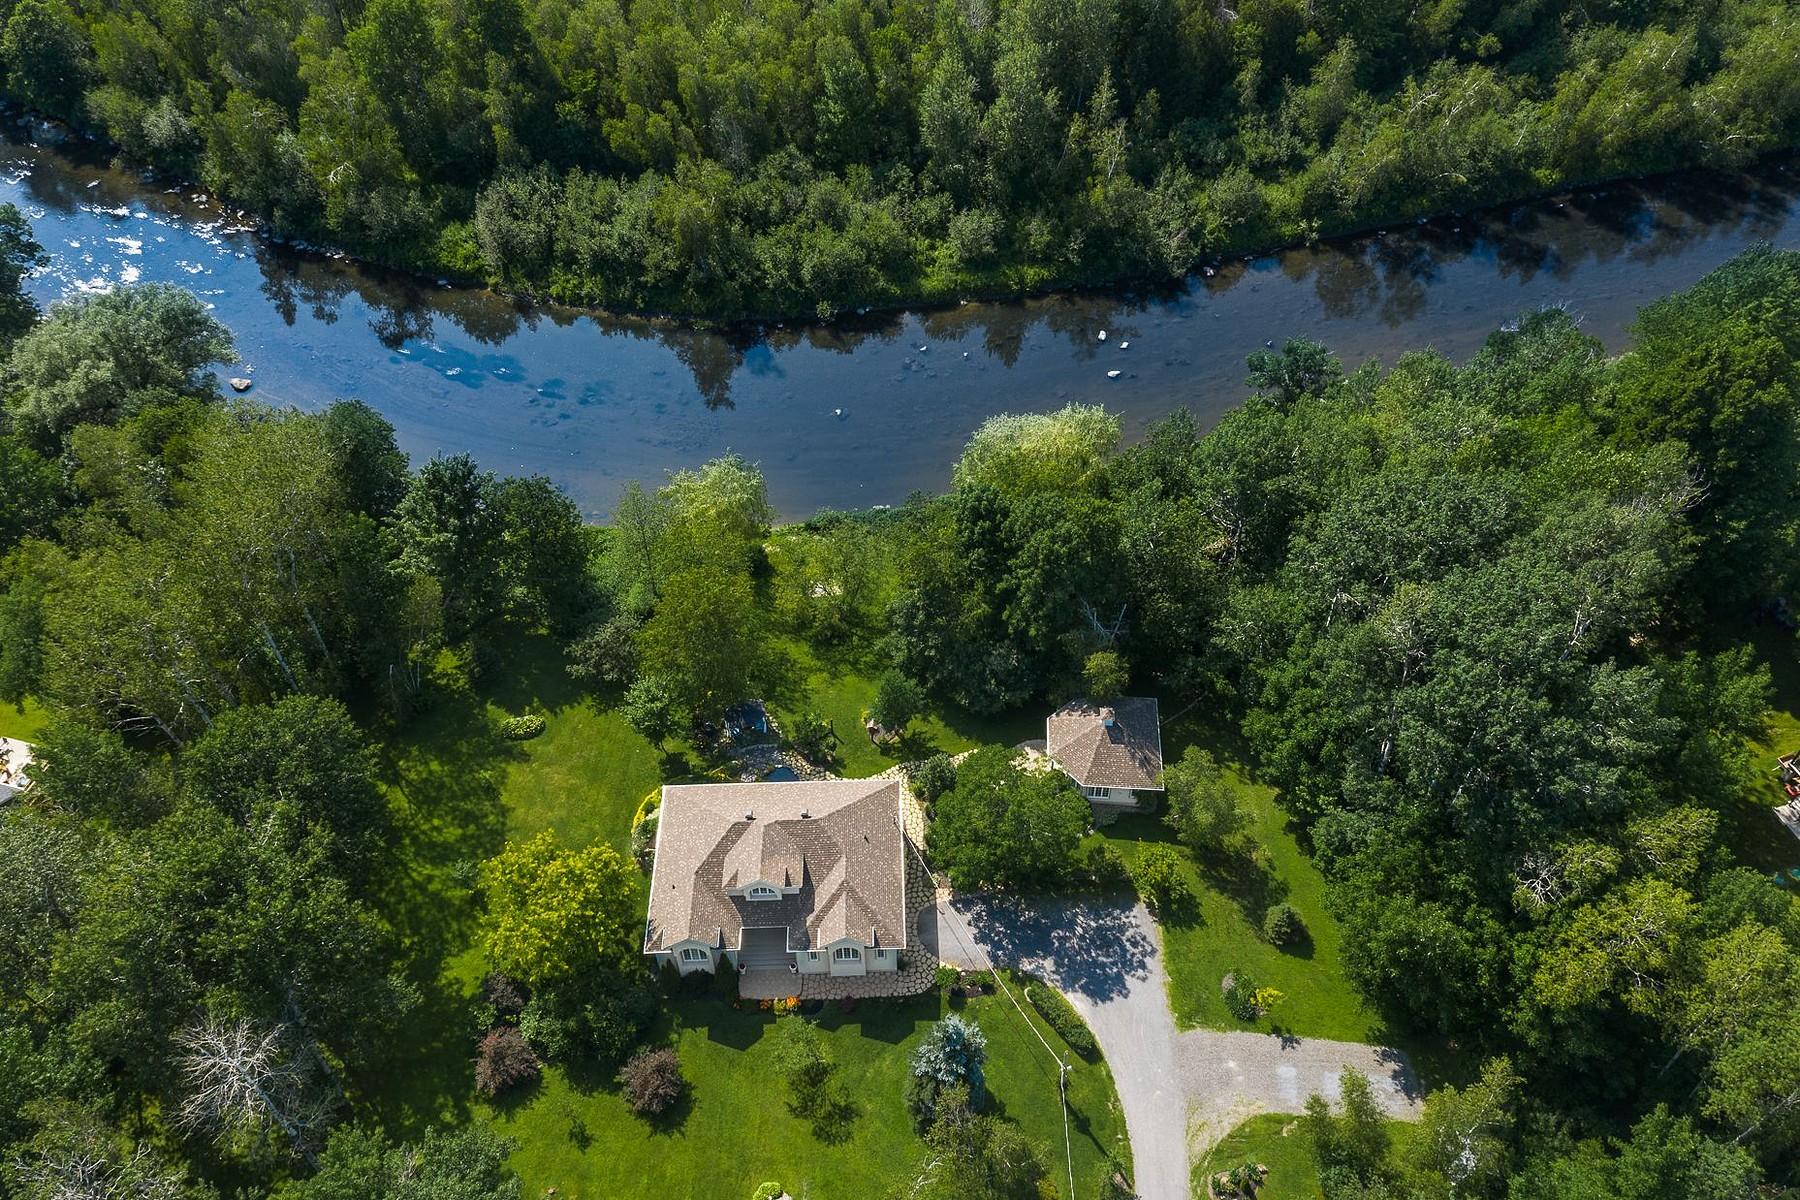 Single Family Homes for Sale at Bromont, Montérégie 162 Rue de la Rivière Bromont, Quebec J2L2X1 Canada